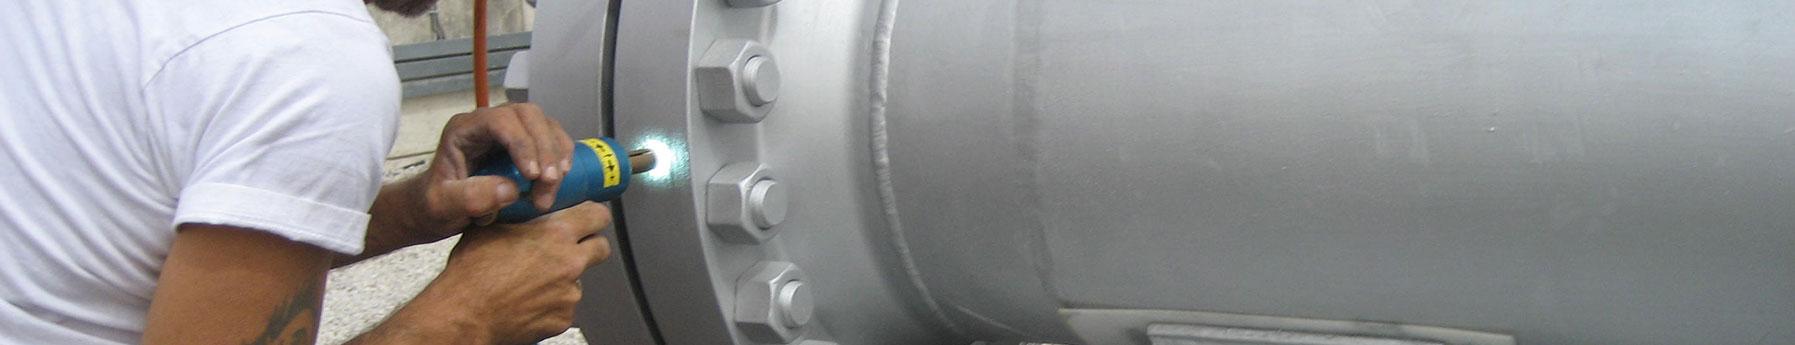 slide-welding-a